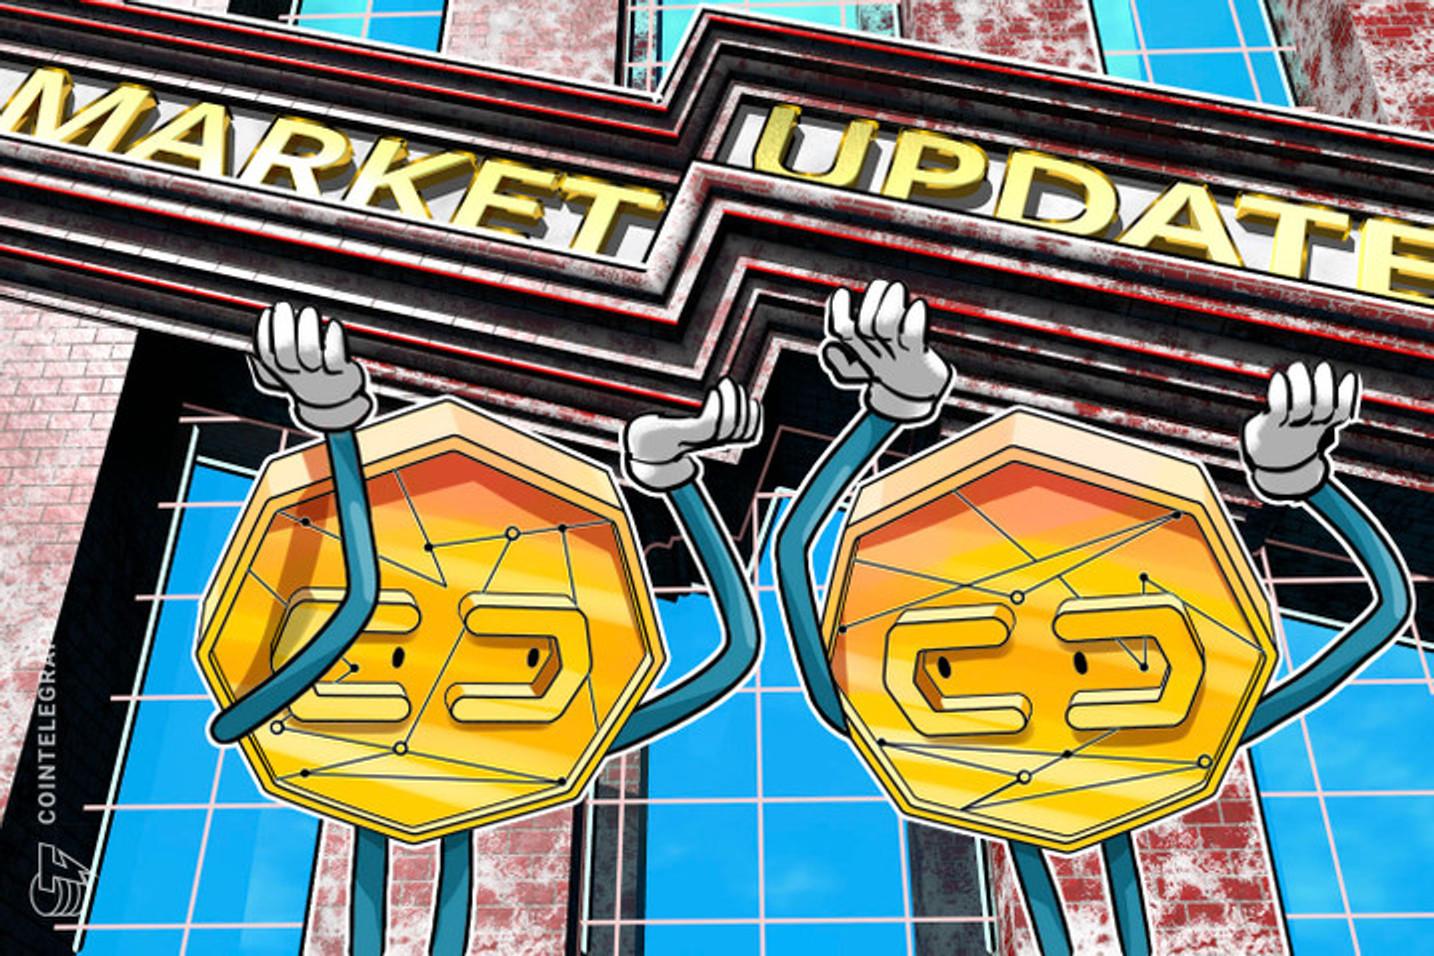 Não se anime, Bitcoin abaixo da media móvel pode indicar mais uma semana de baixa para o BTC, aponta OKEx